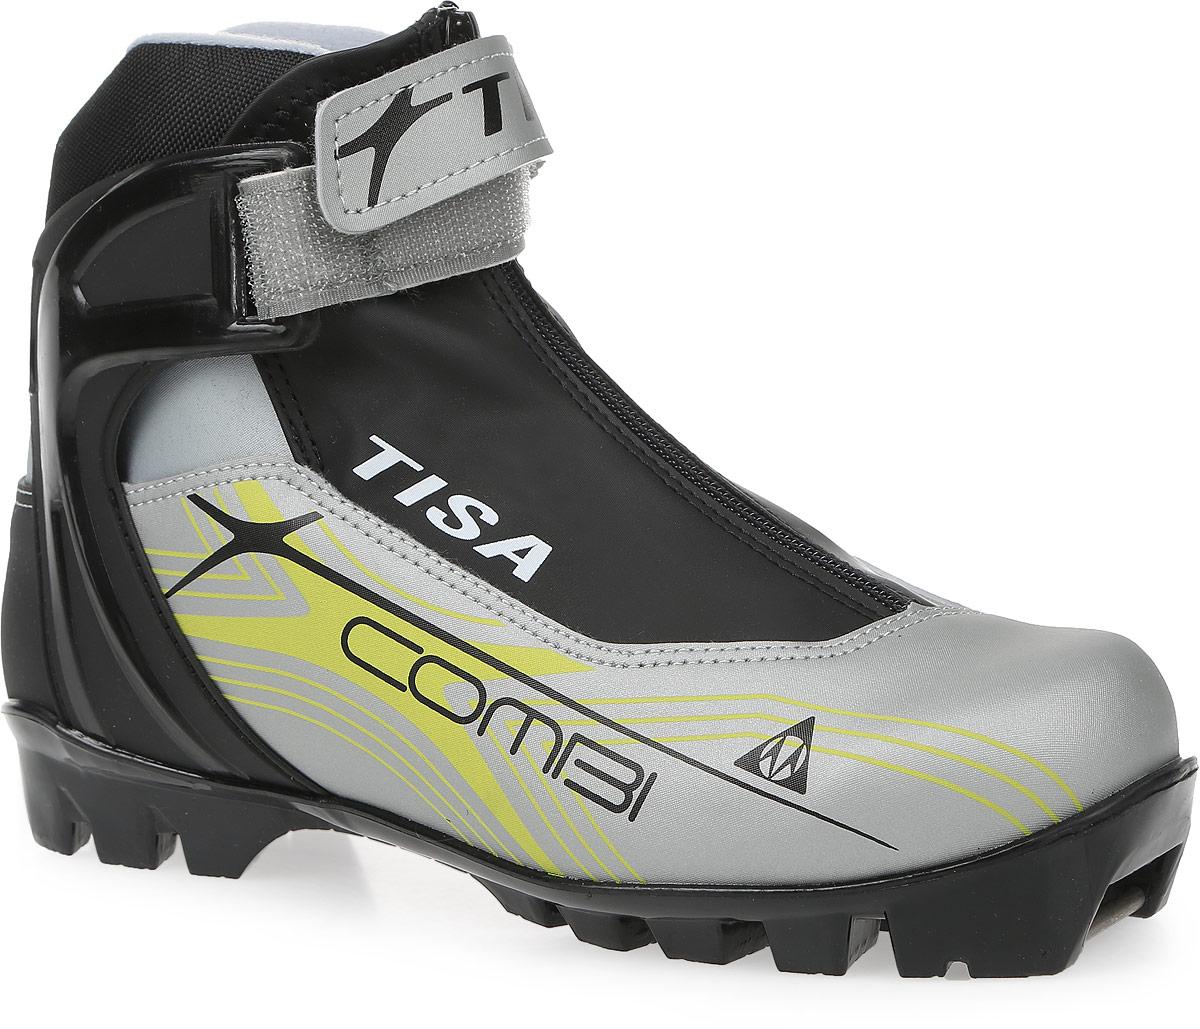 Ботинки лыжные беговые Tisa Combi NNN, цвет: черный, серый, салатовый. Размер 41Karjala Comfort NNNЛыжные ботинки Tisa Combi NNN выполнены из искусственных материалов в классическом стиле и предназначены для лыжных прогулок и туризма. Язык защищен текстильной вставкой на застежке-молнии. Подкладка, исполненная из мягкого флиса и искусственного меха, защитит ноги от холода и обеспечит уют. Верх изделия оформлен удобной шнуровкой с петлями из текстиля. Вставки в мысовой и пяточной частях предназначены для дополнительной жесткости. Манжета Control Cuff поддерживает голеностоп. Подошва системы NNN выполнена из полимерного термопластичного материала. С одной из боковых сторон лыжные ботинки дополнены принтом в виде логотипа бренда.